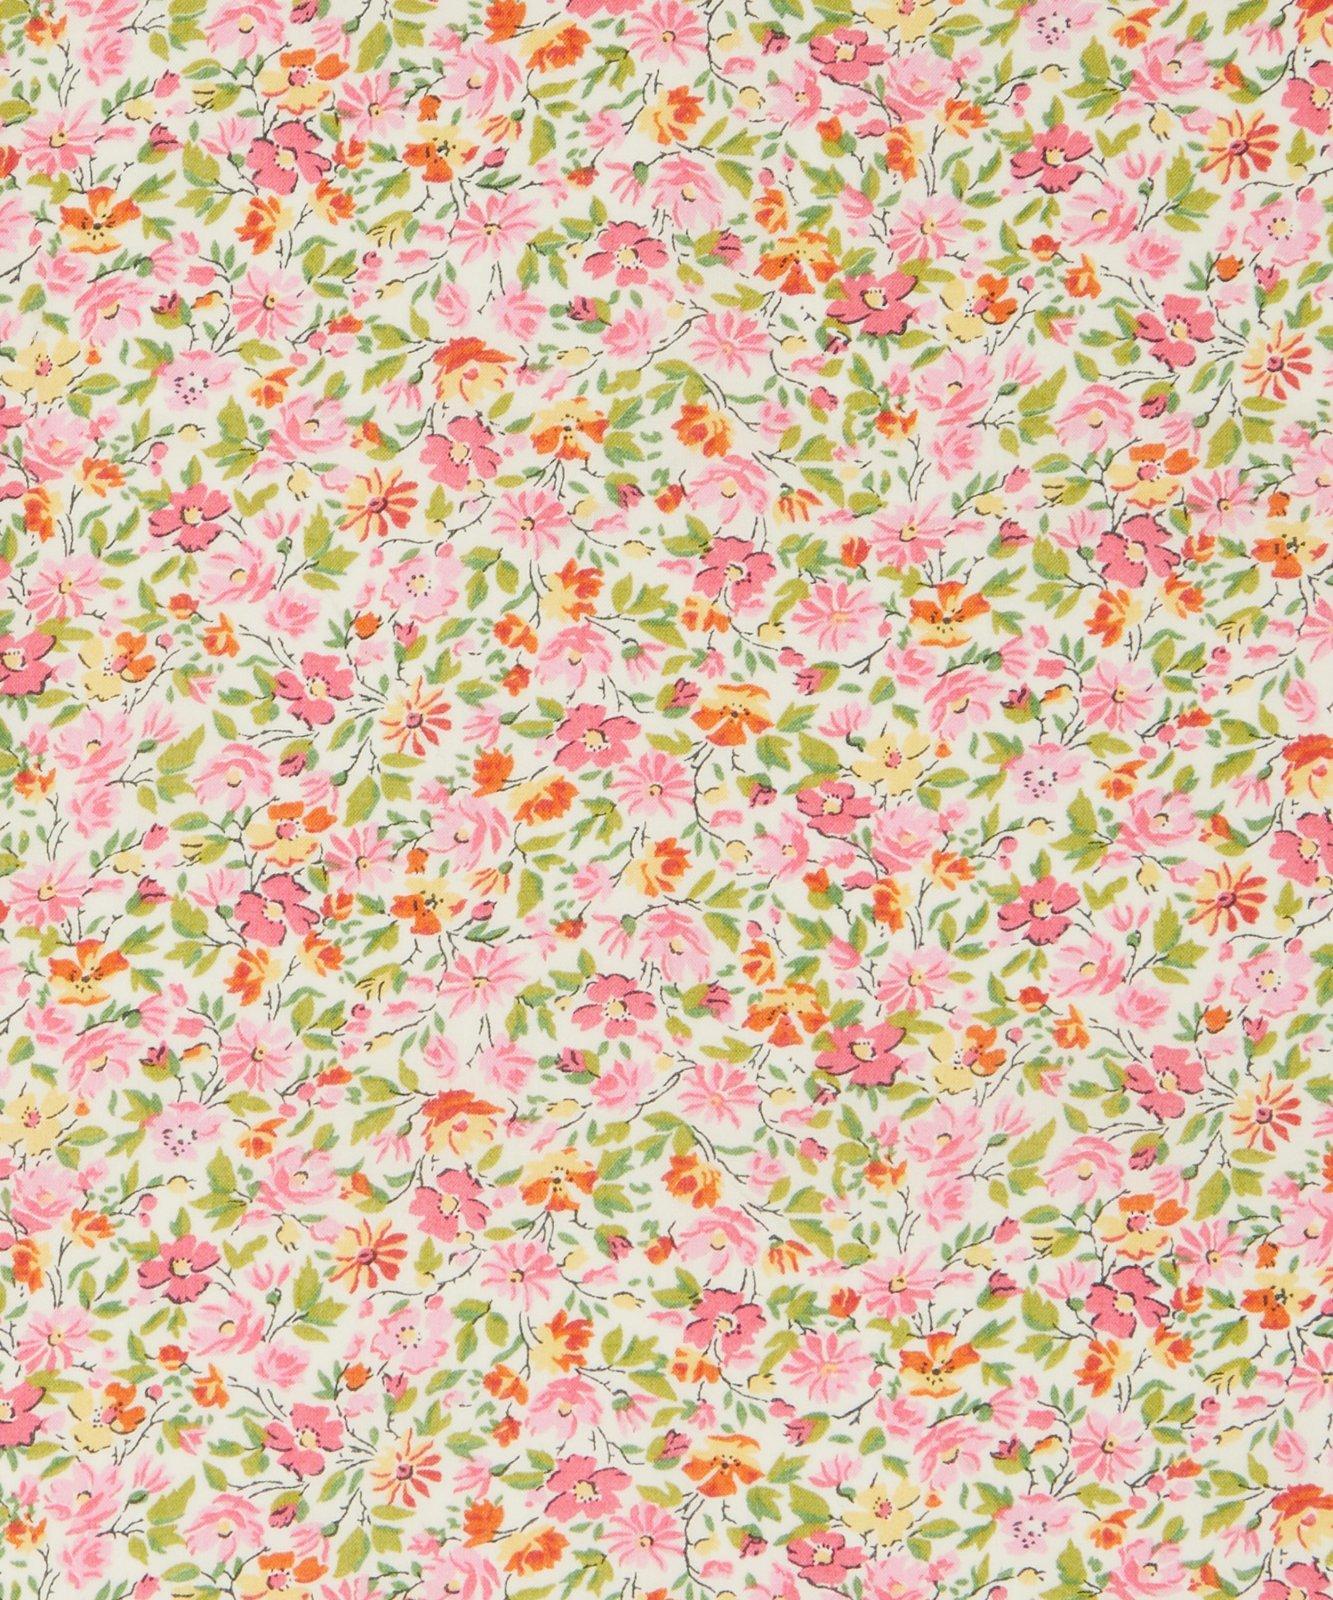 Hannah Rose B Liberty of London Tana Lawn Fabric